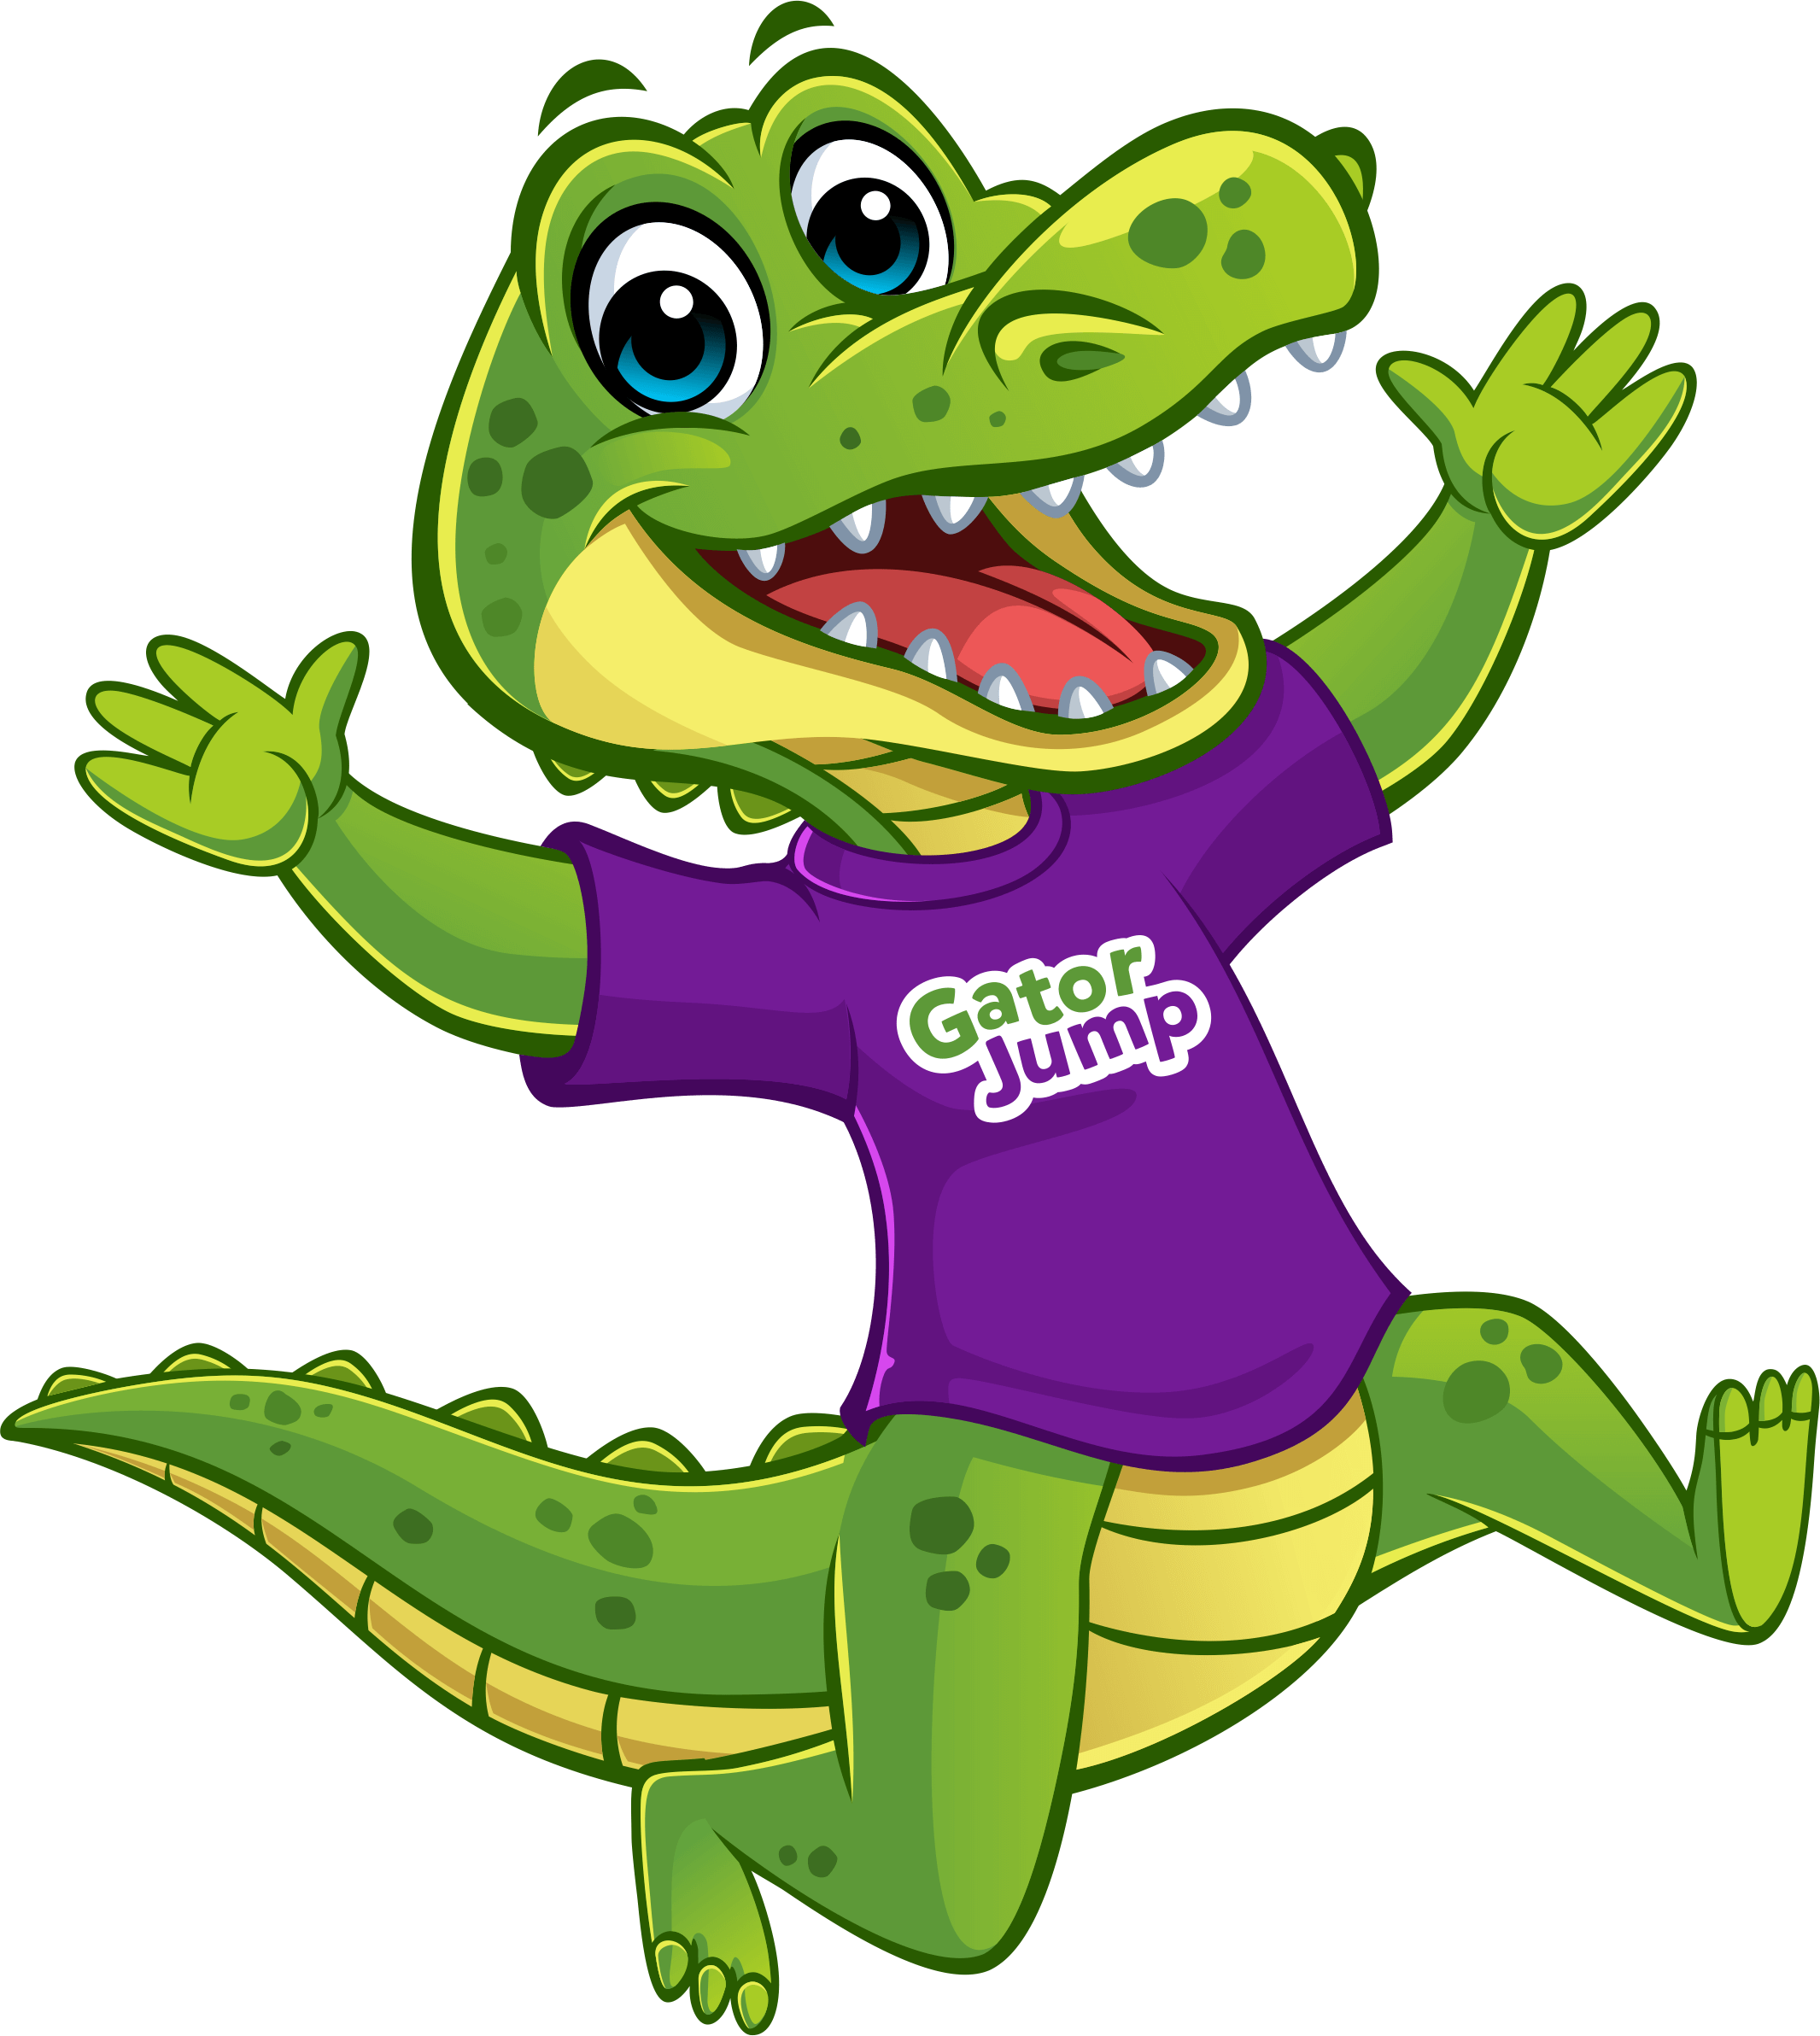 Gator Jump Mascot